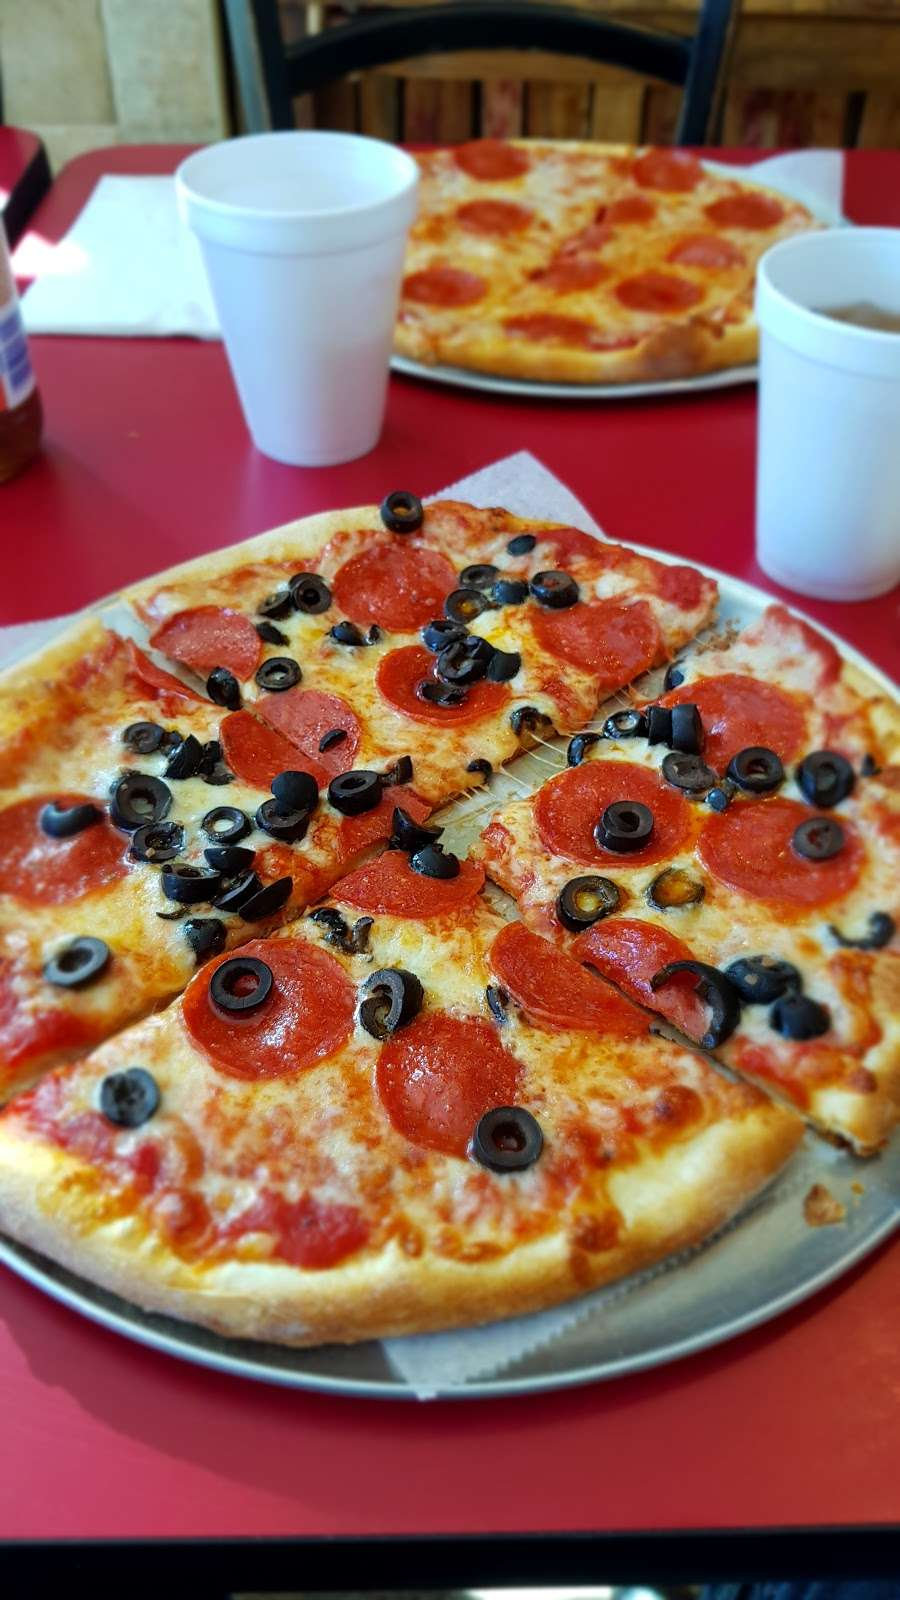 Piccolo Trattoria Italian Restaurant - restaurant  | Photo 2 of 10 | Address: 455 Main St, New York, NY 10044, USA | Phone: (212) 753-2300